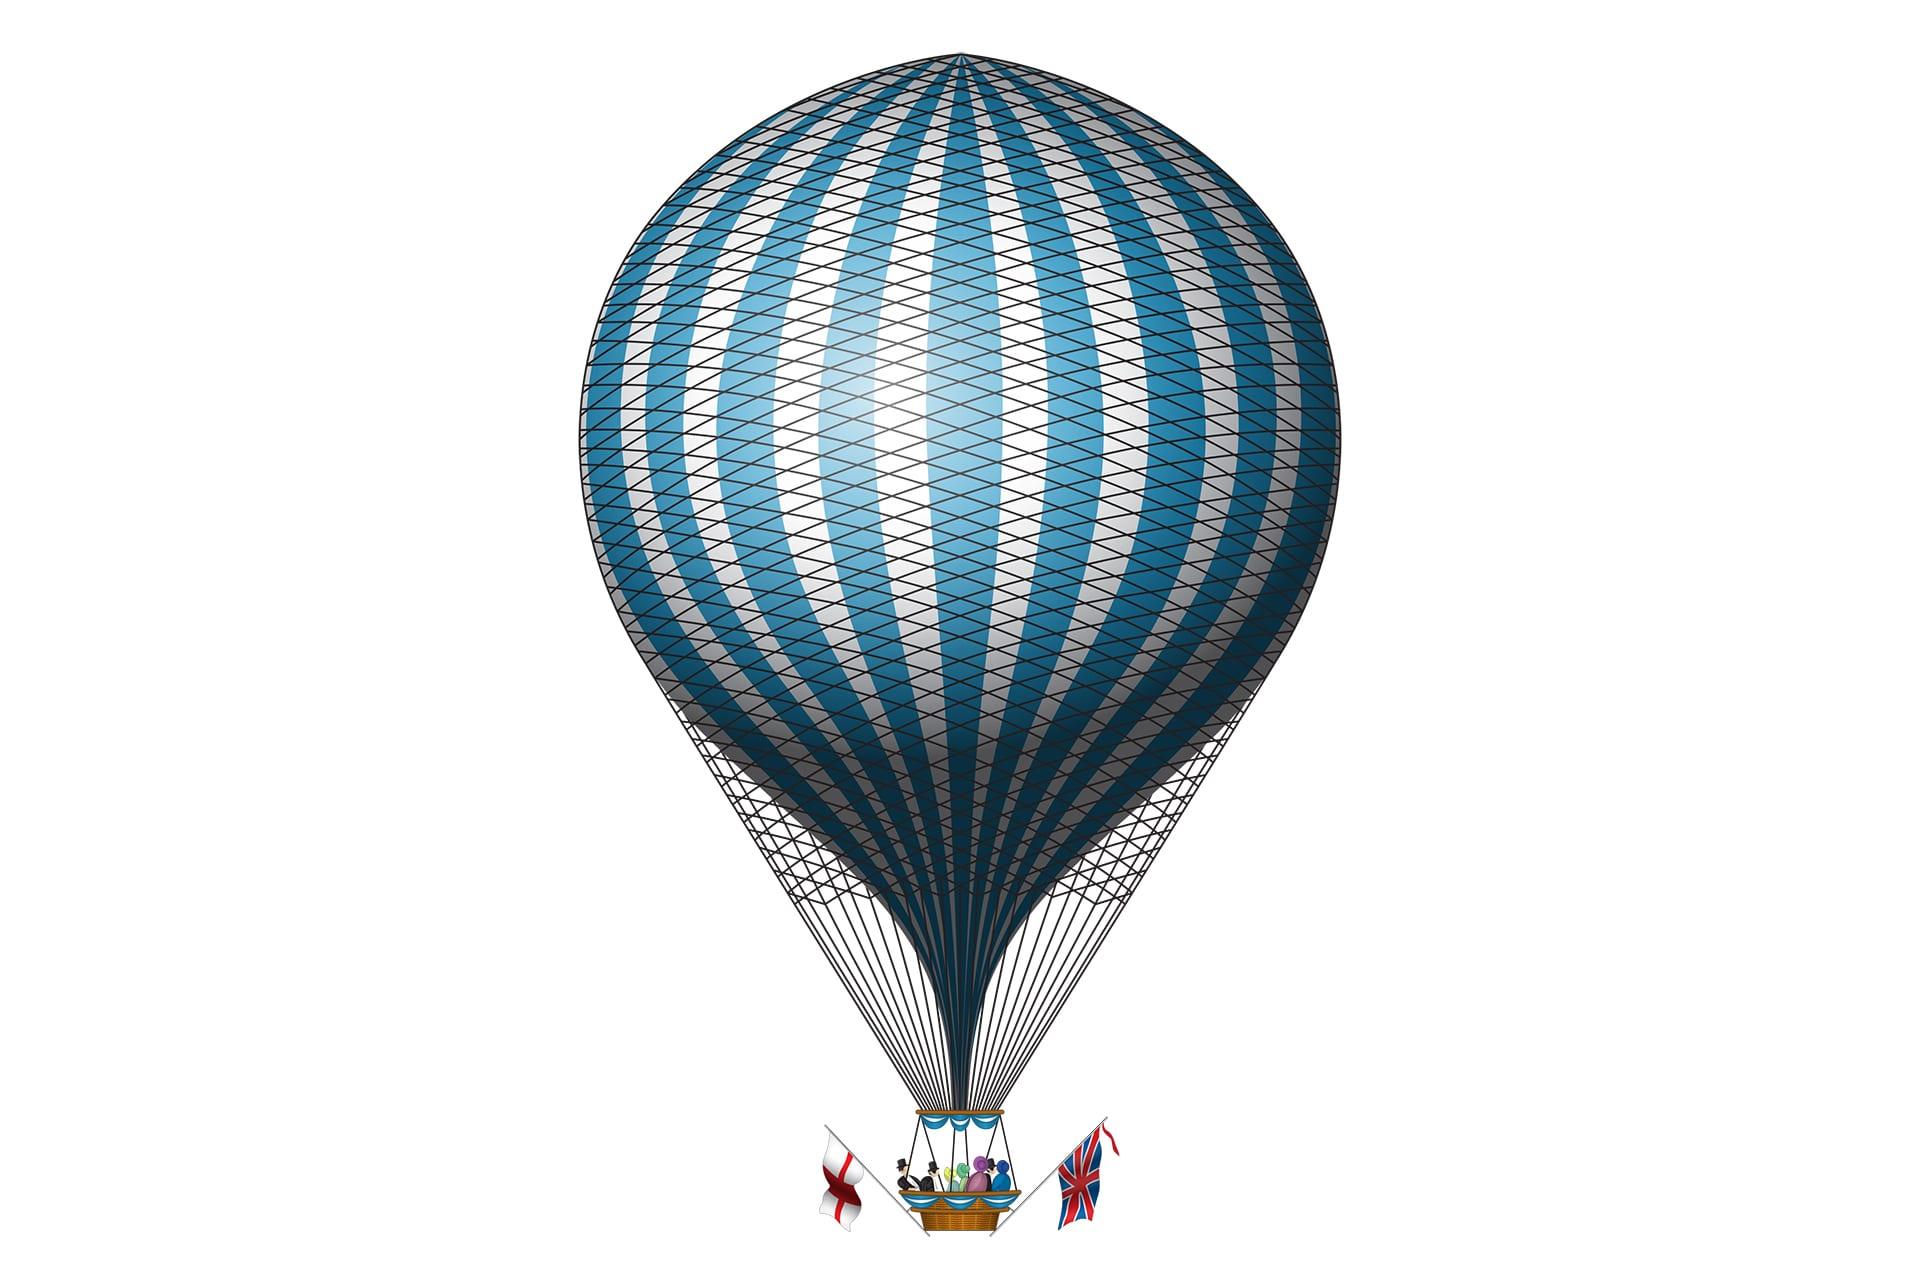 Vektorisiertes Bild eines Ballons in Blau und Weiß | Beispiel Vektorisierungen